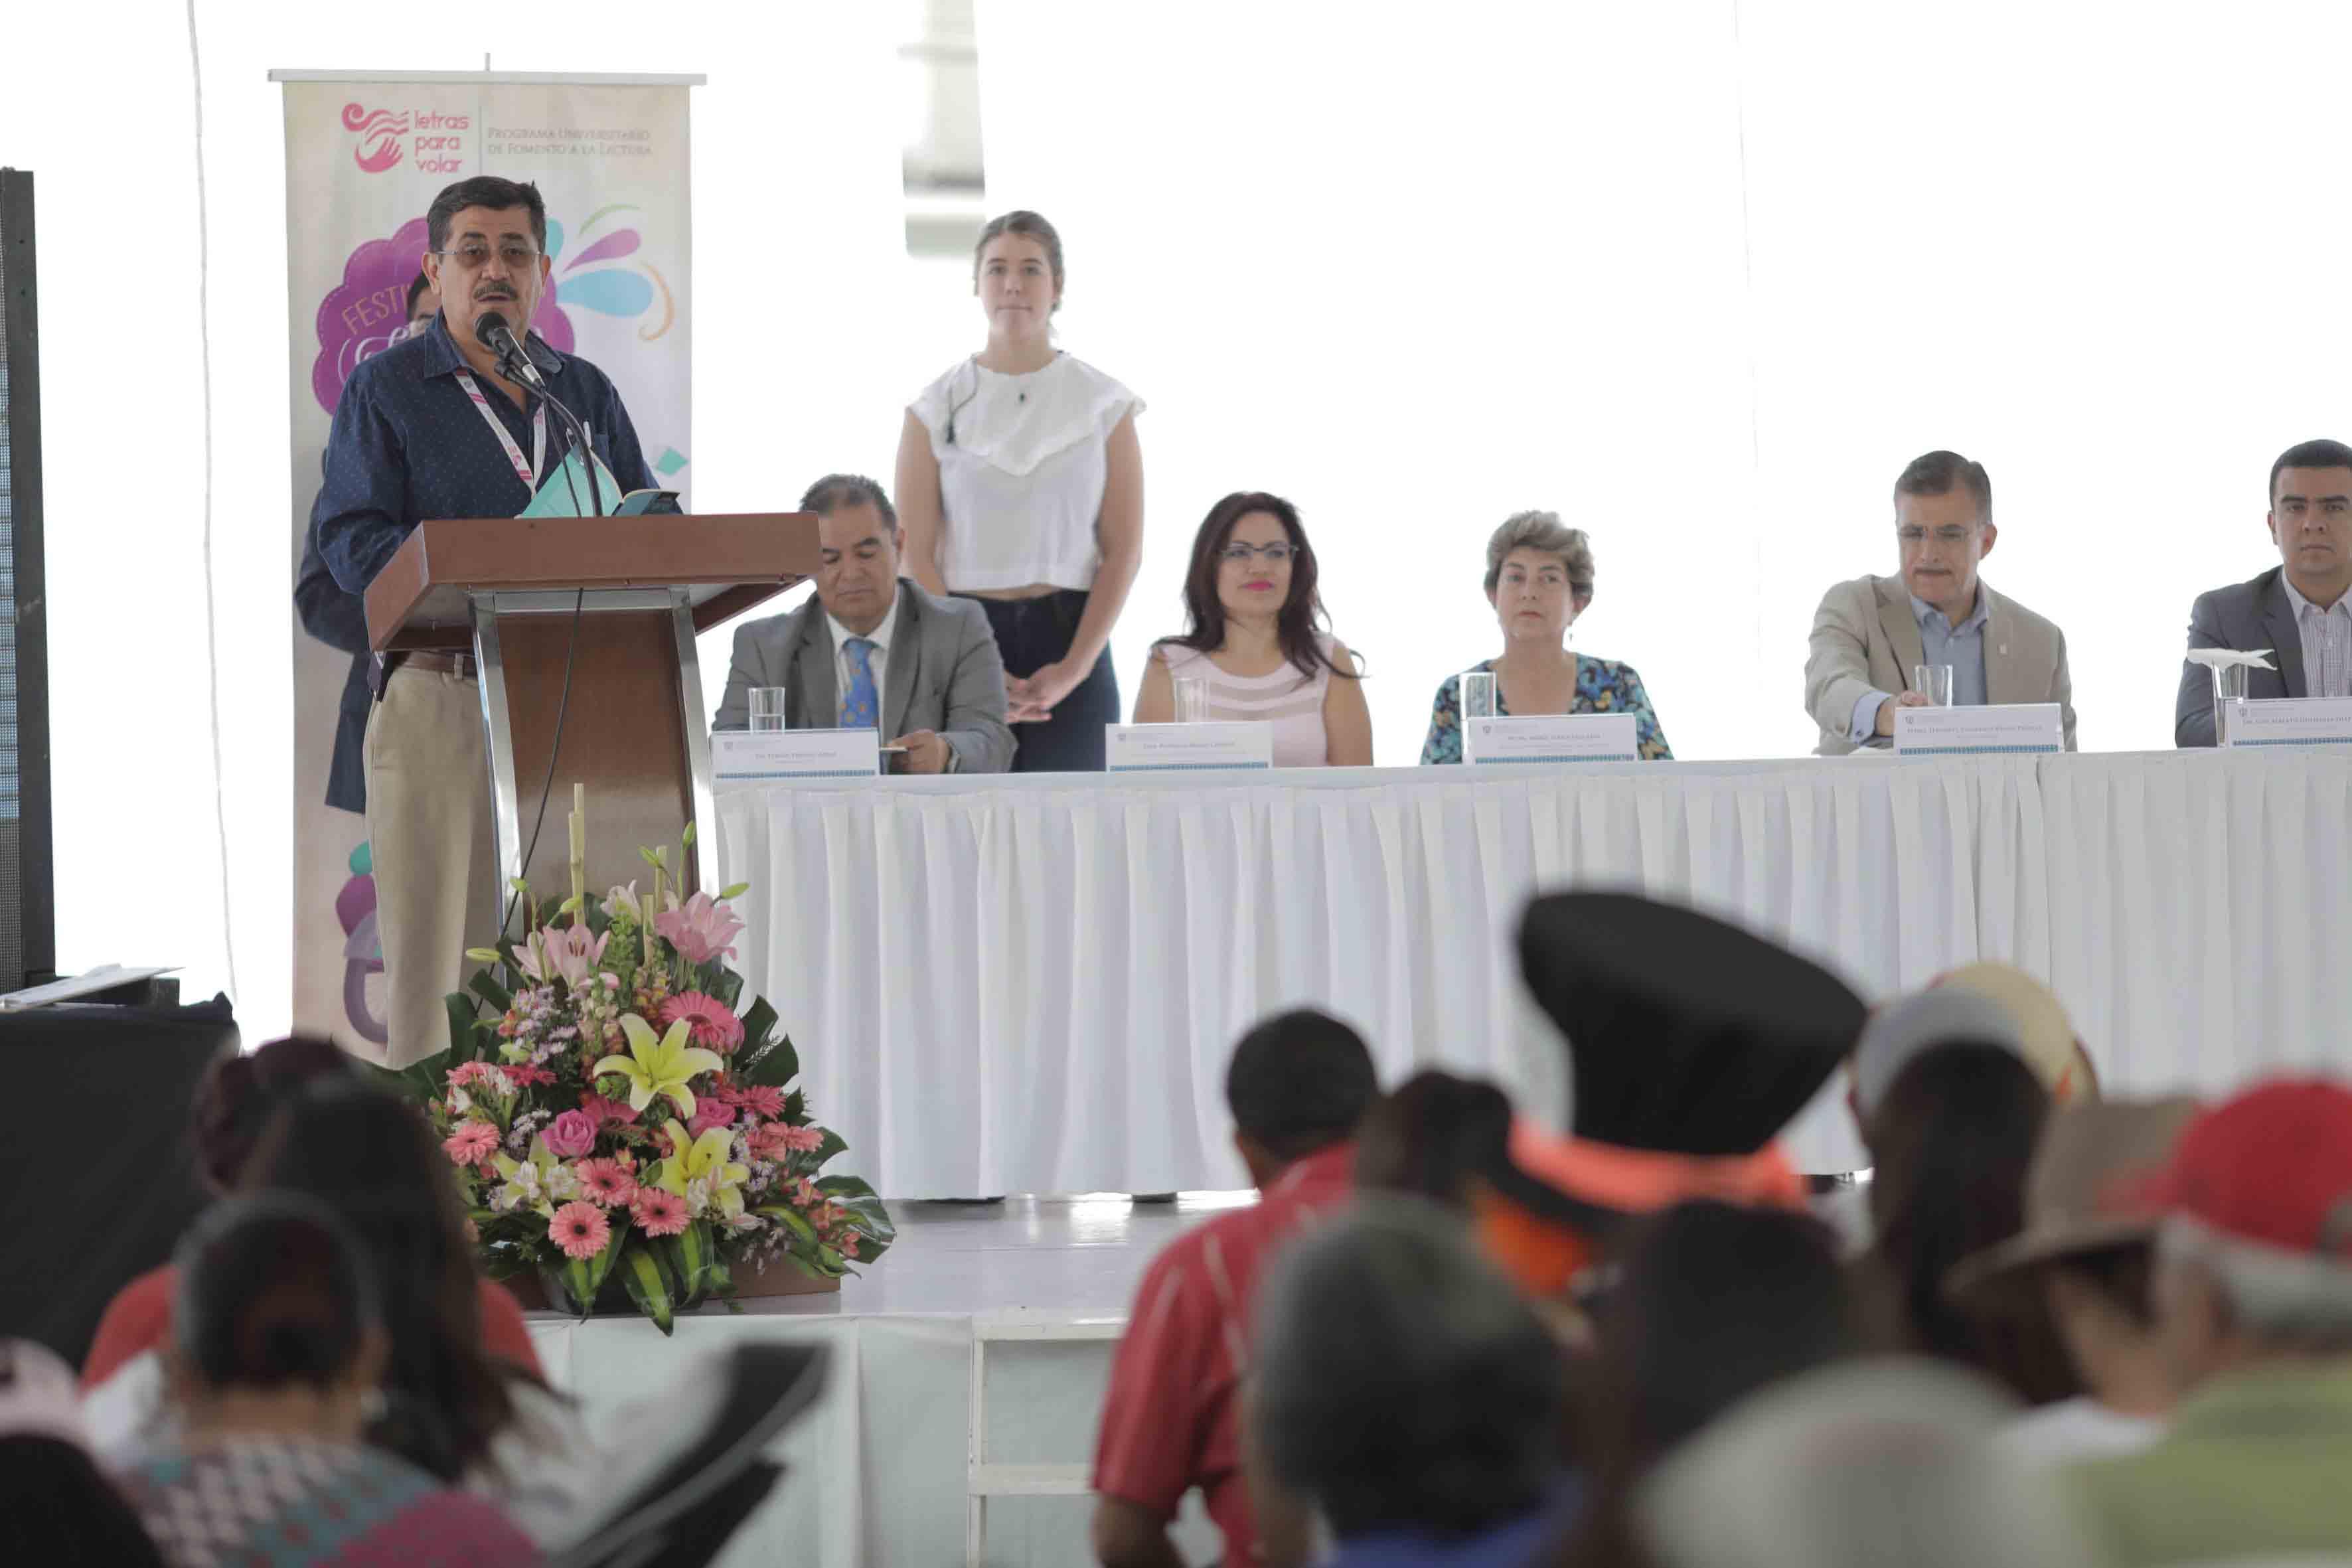 Maestro Alfredo Tomás Ortega, escritor y representante del jurado calificador, nombrando a los ganadores del concurso.